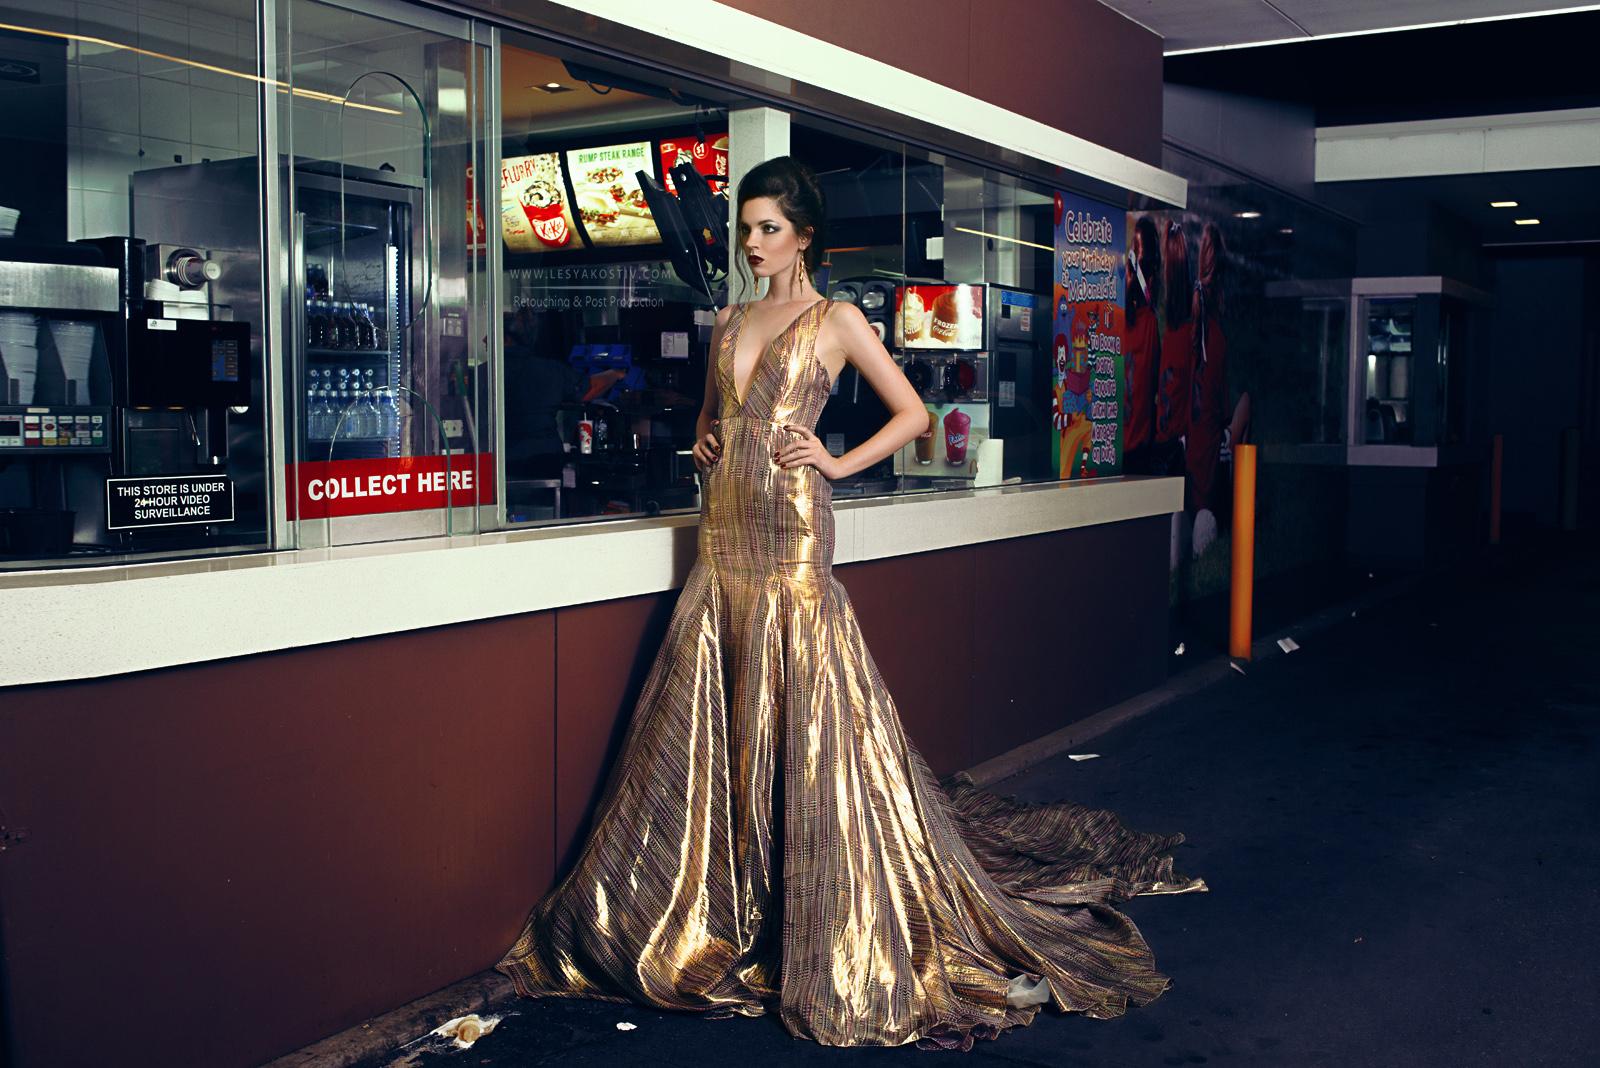 McDonalds - Thomas Lazar10718 retouch by Lesya Kostiv